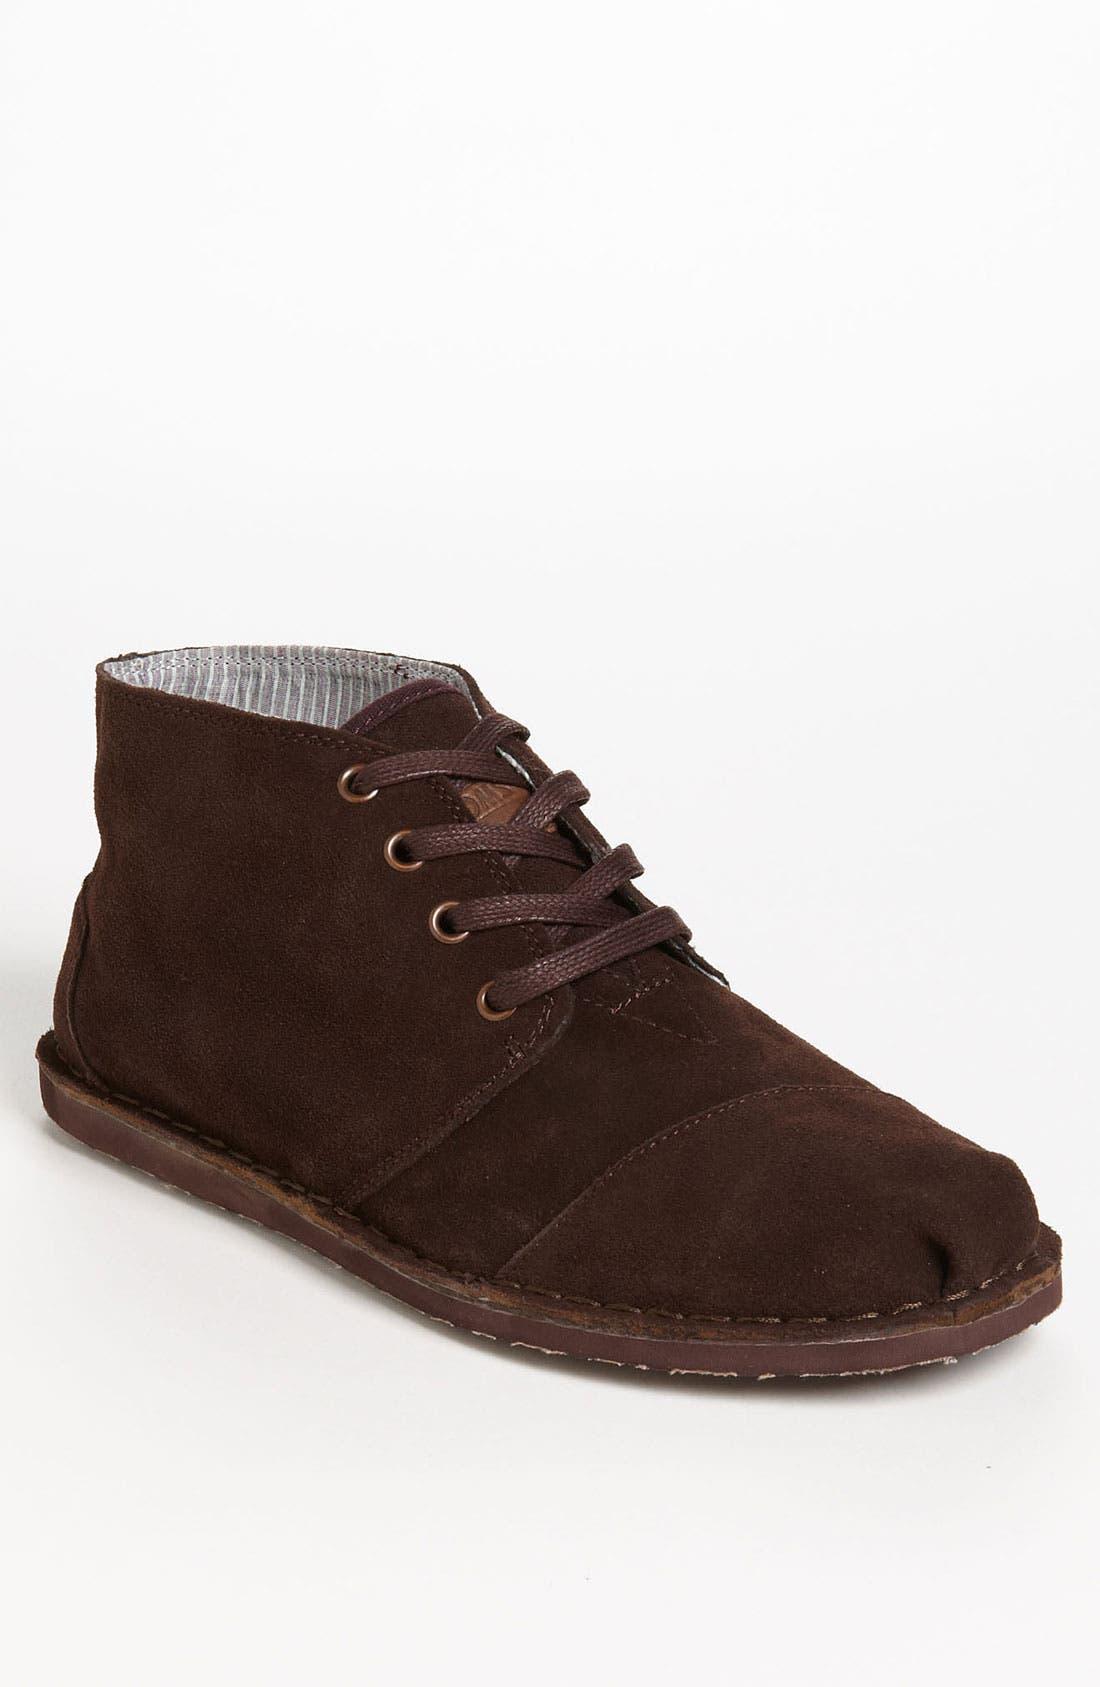 'Botas - Desert' Suede Chukka Boot,                         Main,                         color, 200